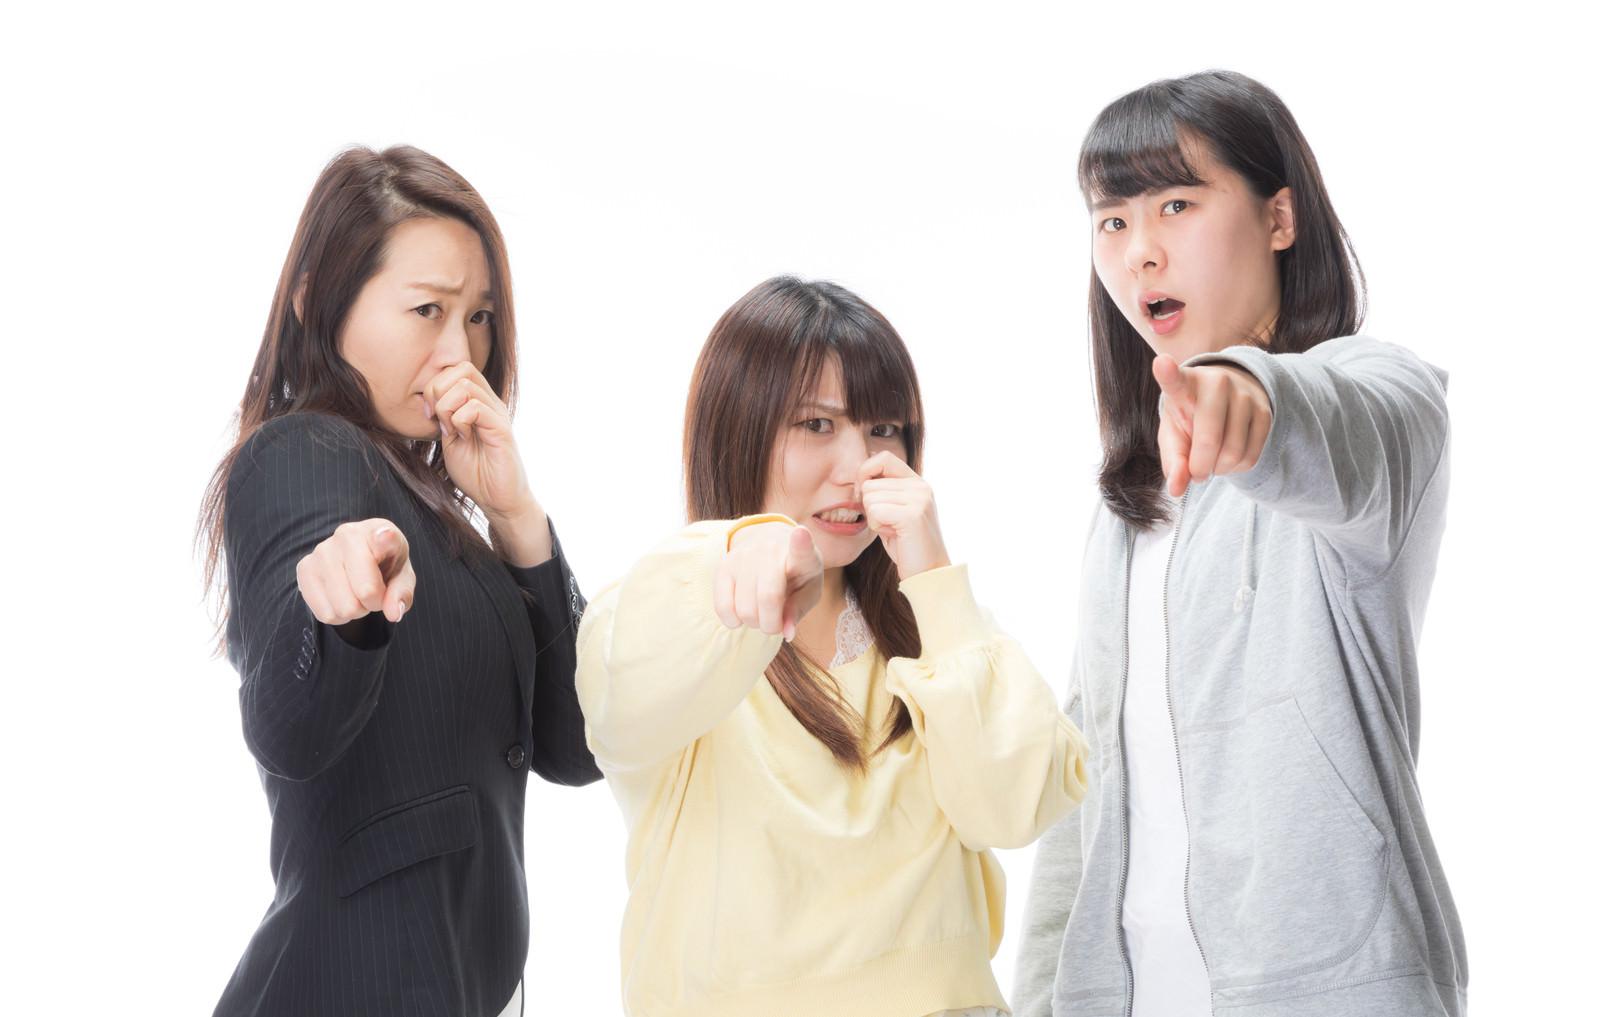 「においの原因をつきとめた女子三人臭においの原因をつきとめた女子三人臭」[モデル:Lala Mizuho 土本寛子]のフリー写真素材を拡大